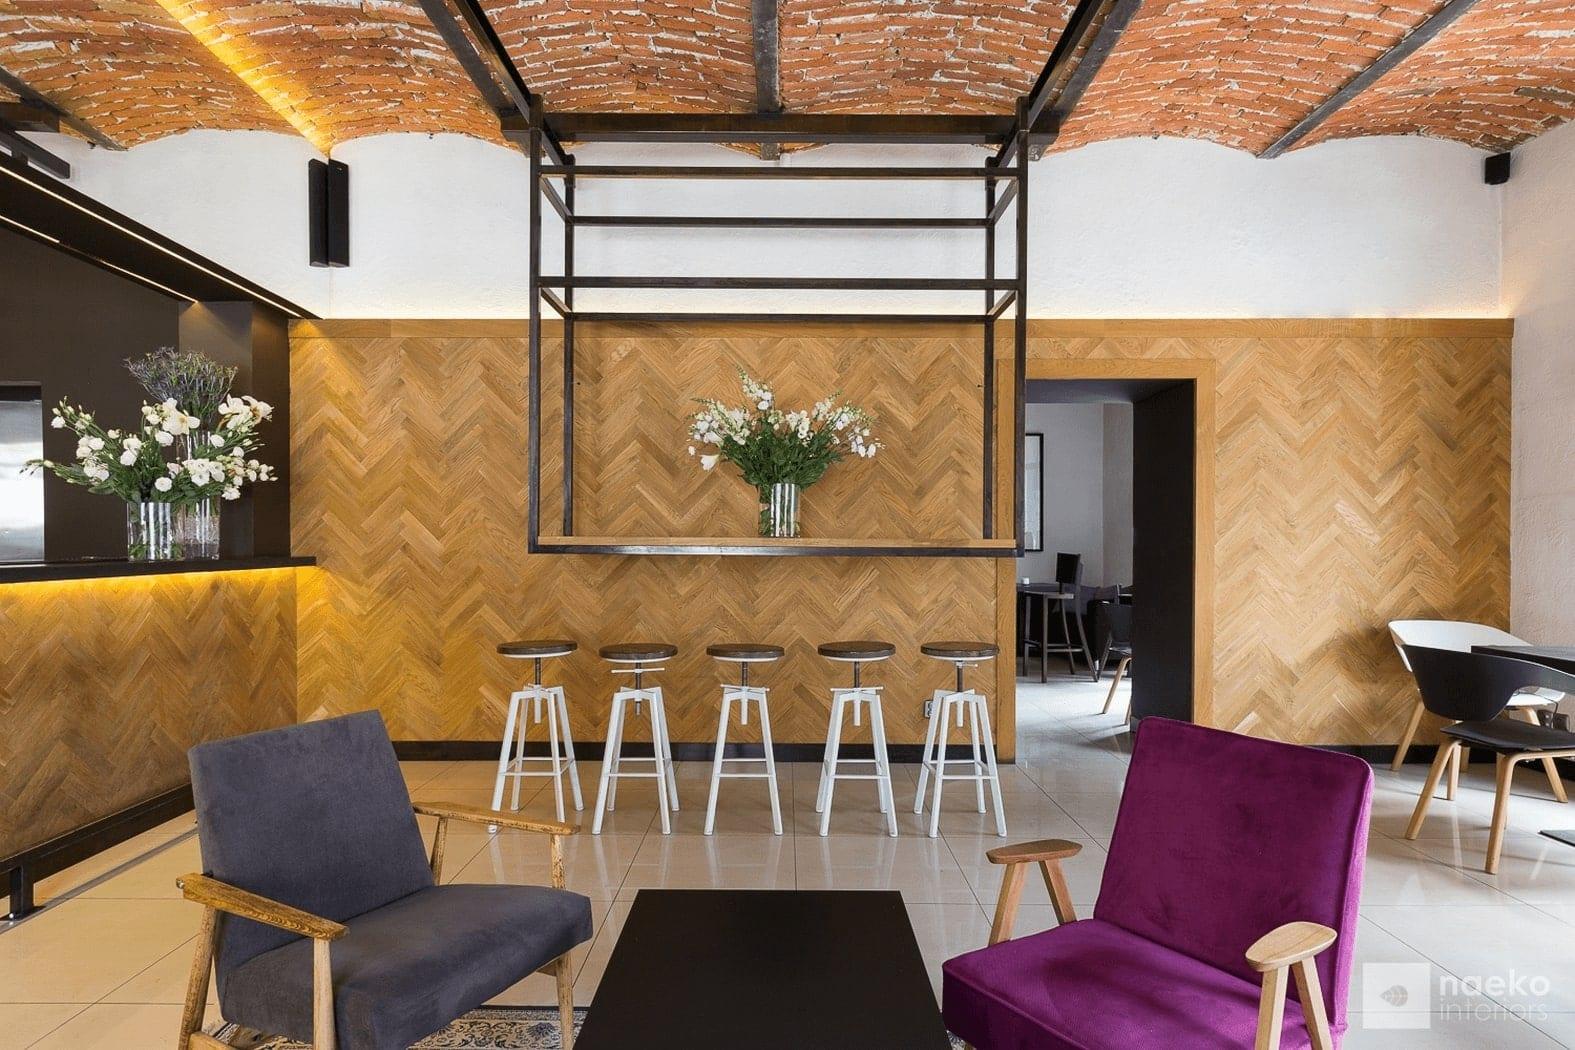 Projekt wnętrza ekokawiarni, z ceglanym stropem, drewnianą okładziną na ścianie, centralnie zlokalizowanym stolikiem kawowym z 2 fotelami retro:burgundowym i ciemnoszarym